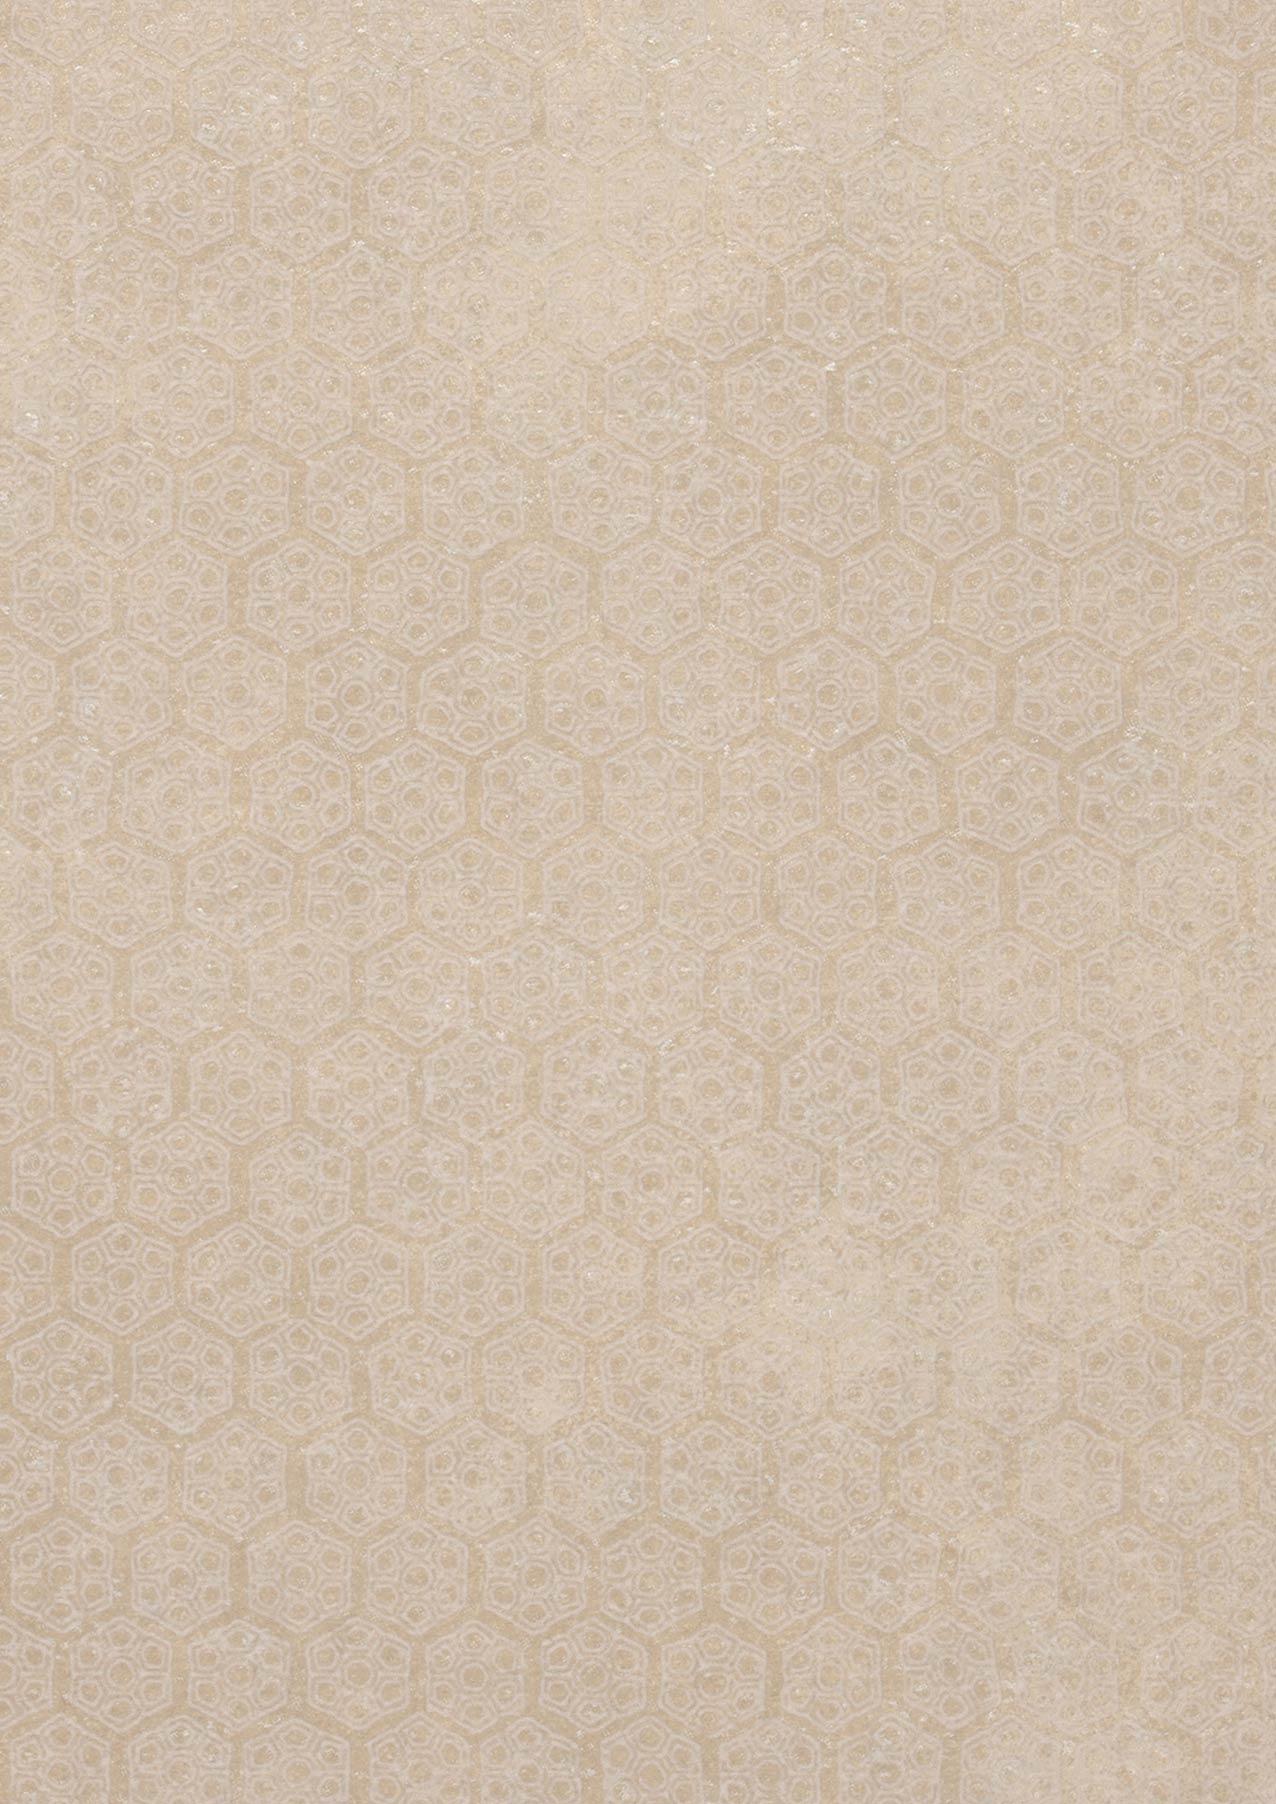 Papier Peint Imana Beige Blanc Cr Me Papier Peint Des